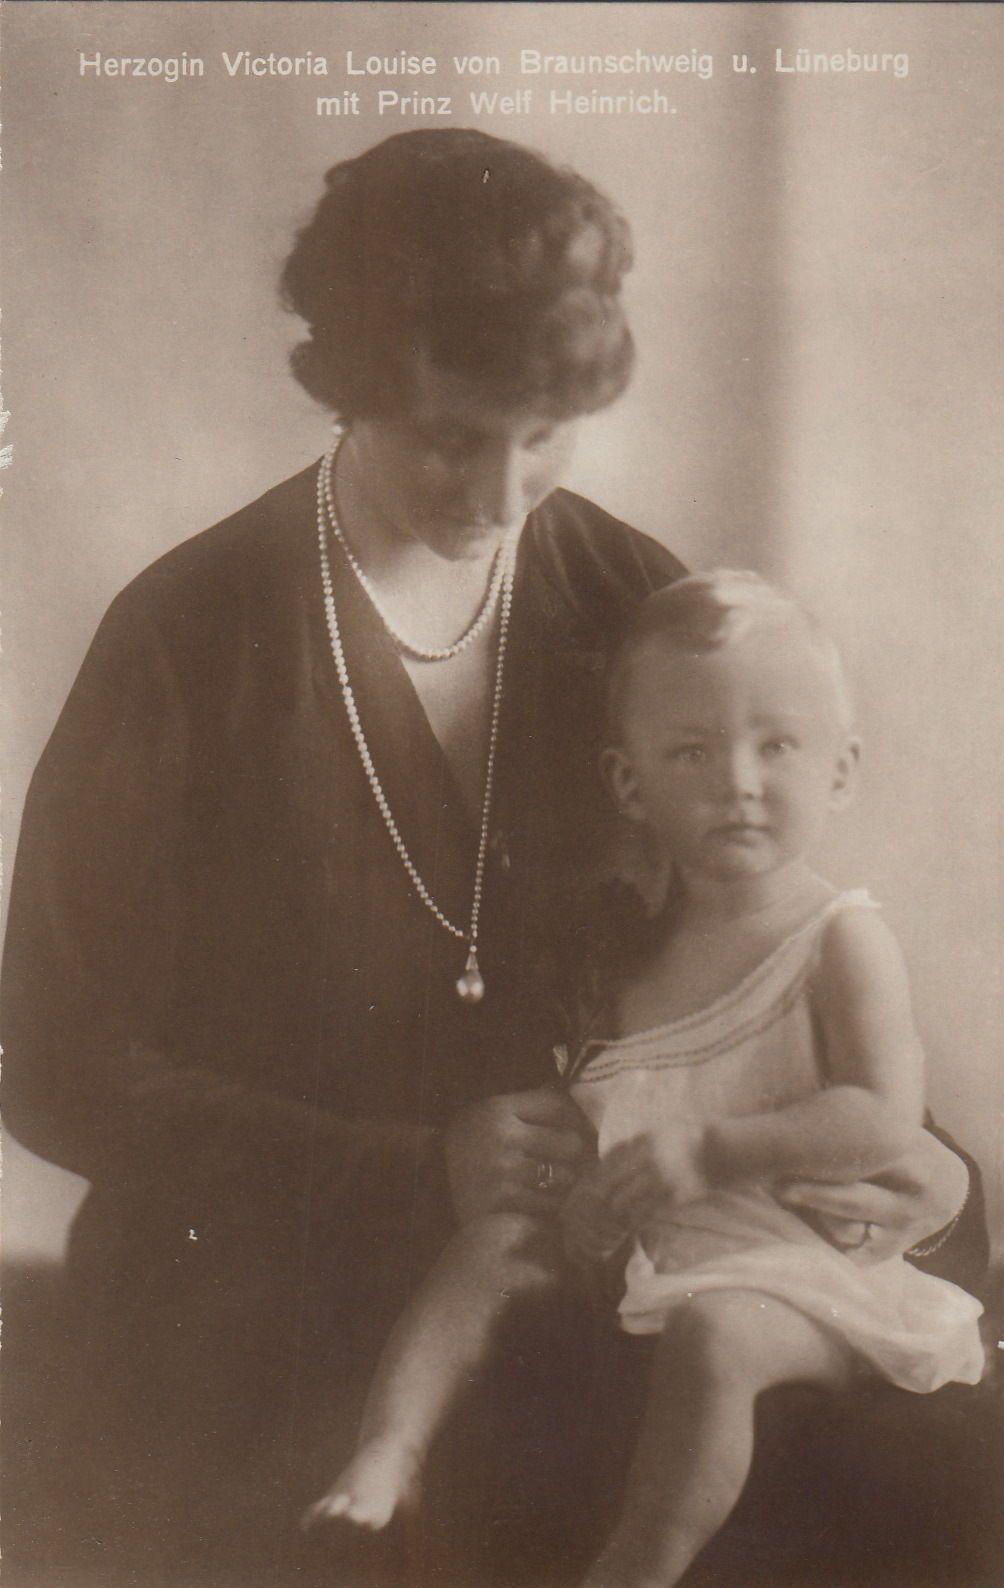 Herzogin Viktoria Luise v Braunschweig Przin v Preußen m S Welf Heinrich 1925